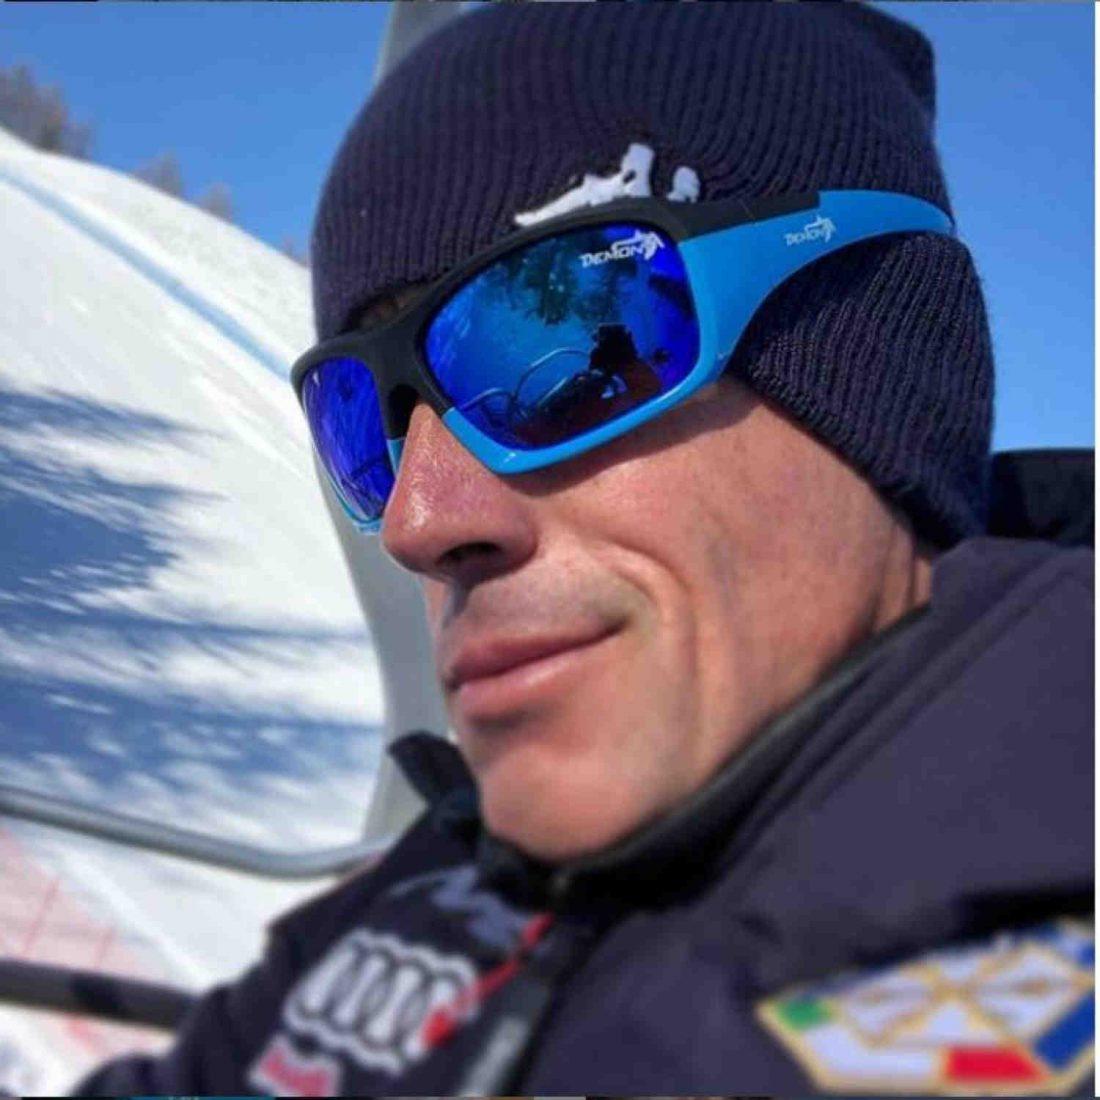 occhiali per sci con lenti specchiate